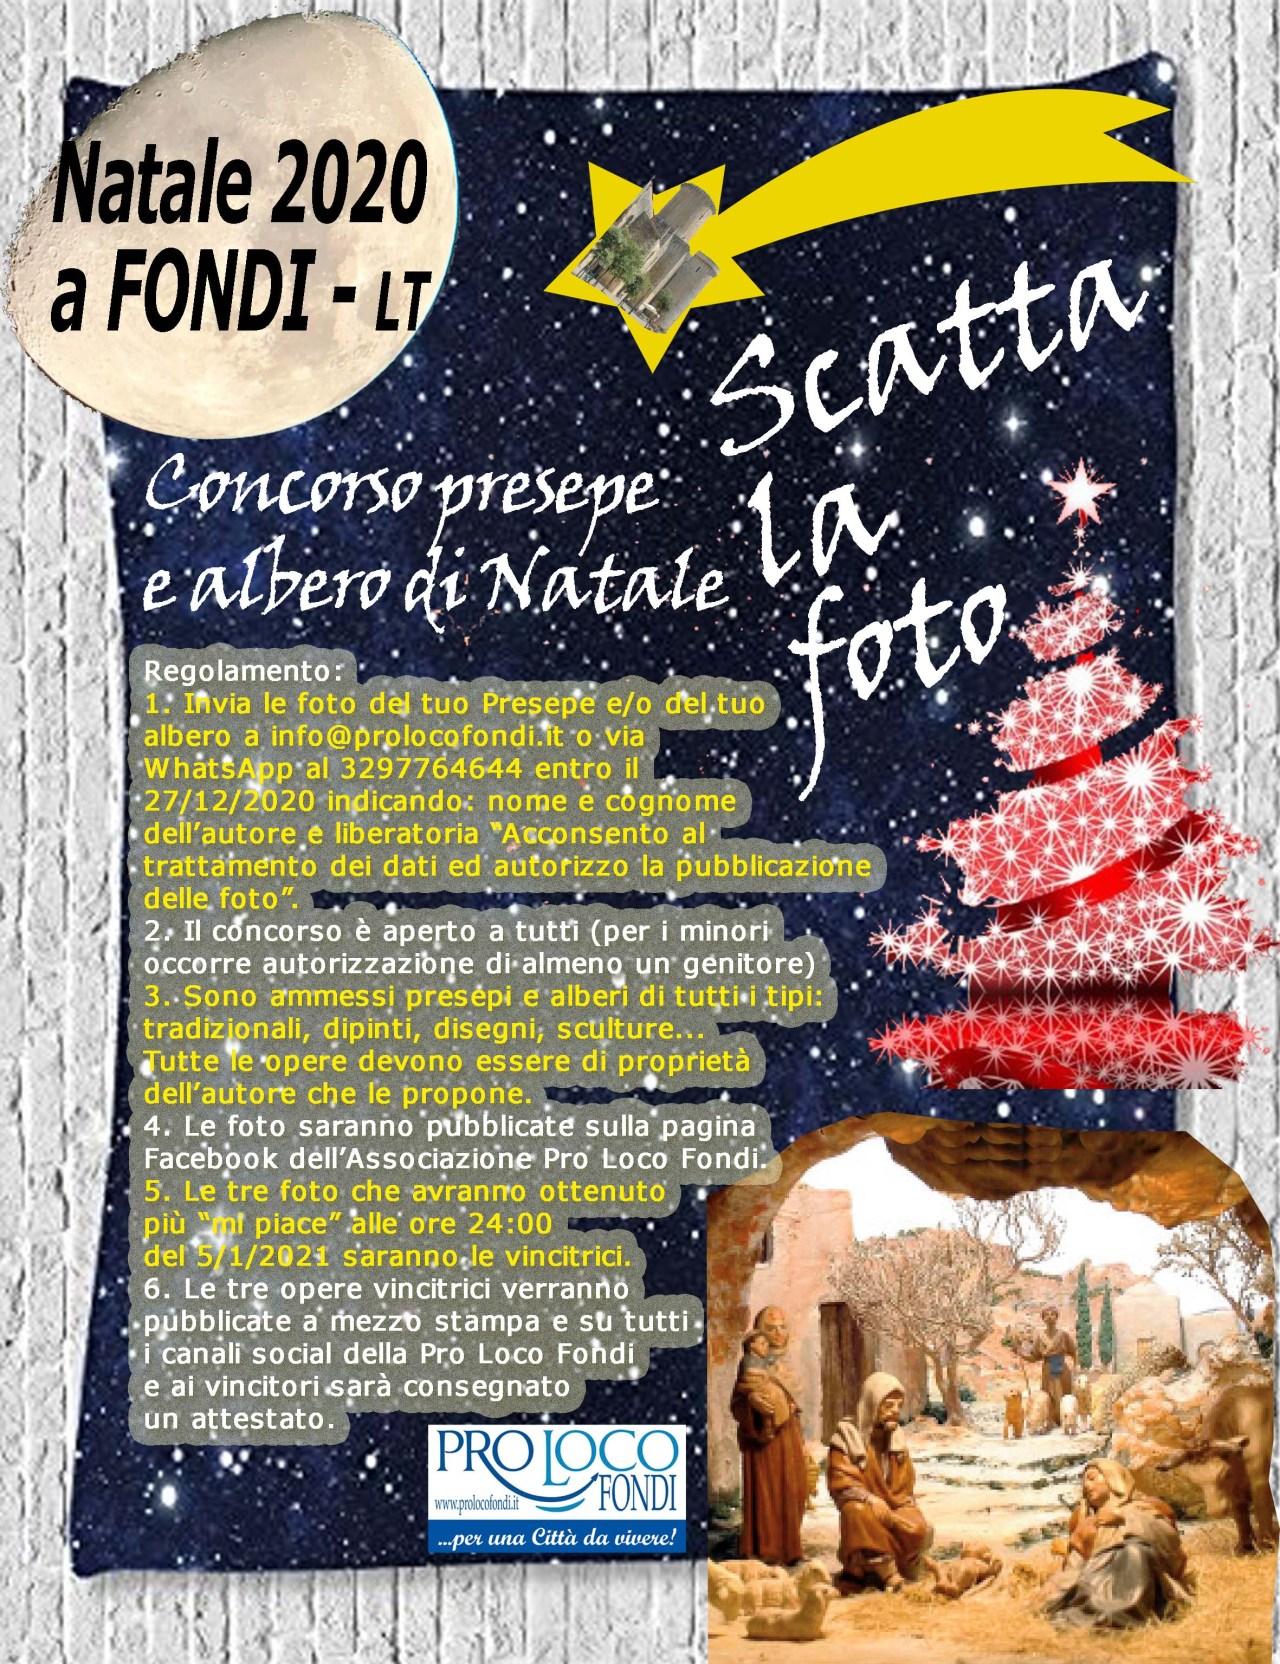 Scatta-presepe-e-albero-Pro-Loco-Fondi-Natale-2020